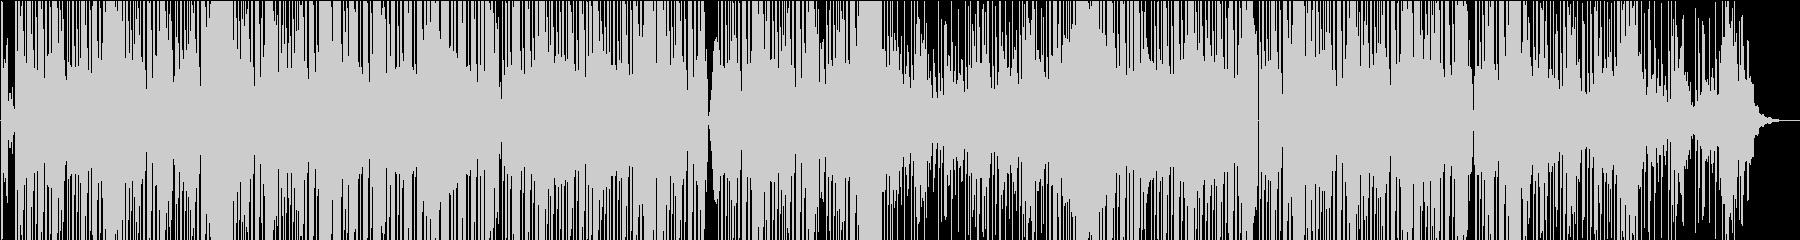 トロピカルなシンセを使ったシンセロックの未再生の波形